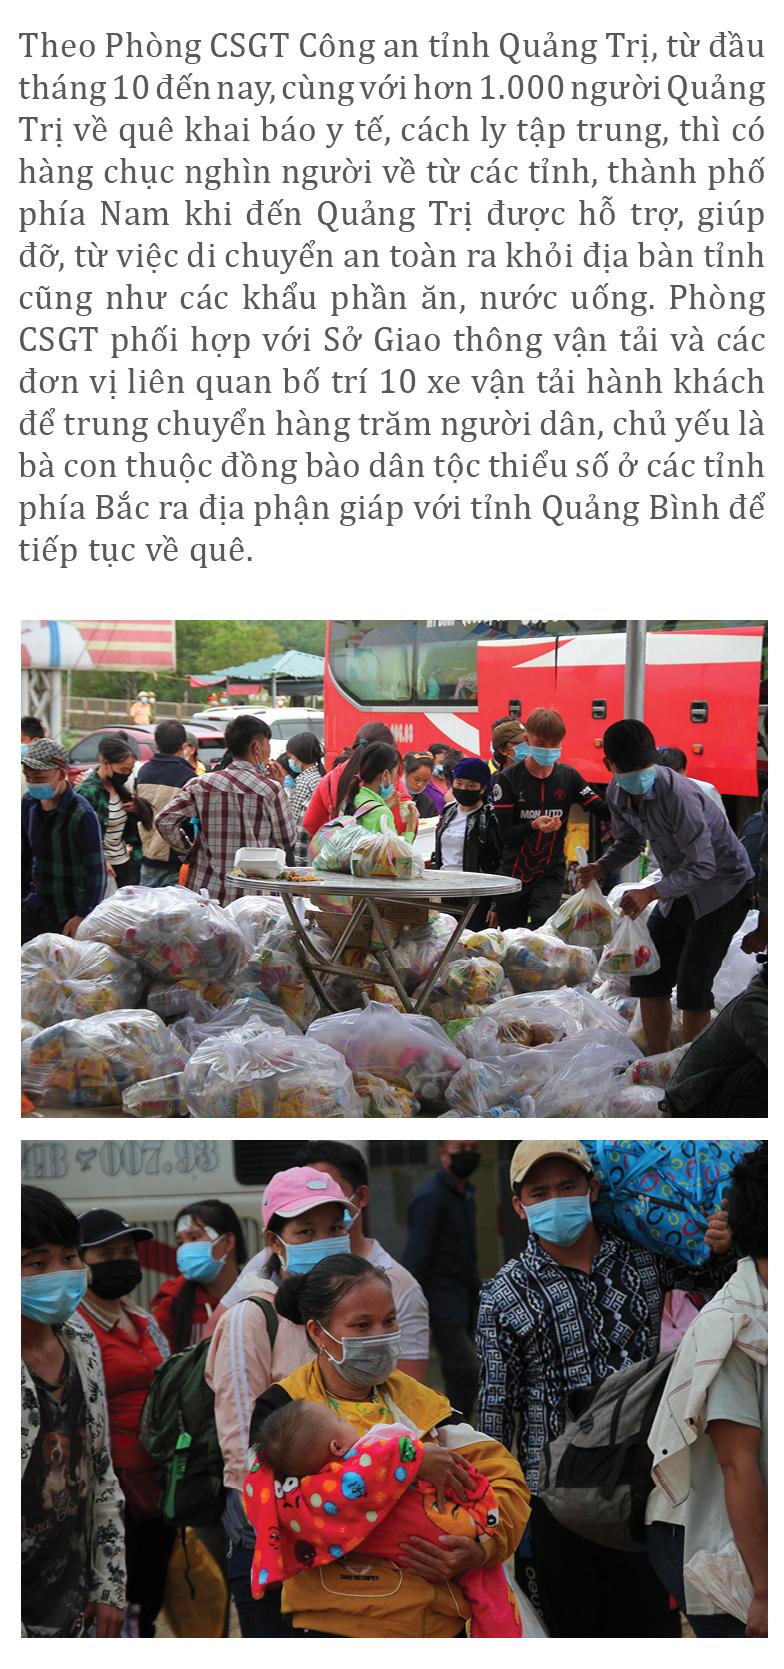 Nồng ấm nghĩa tình miền Trung hỗ trợ dòng người về quê ảnh 16